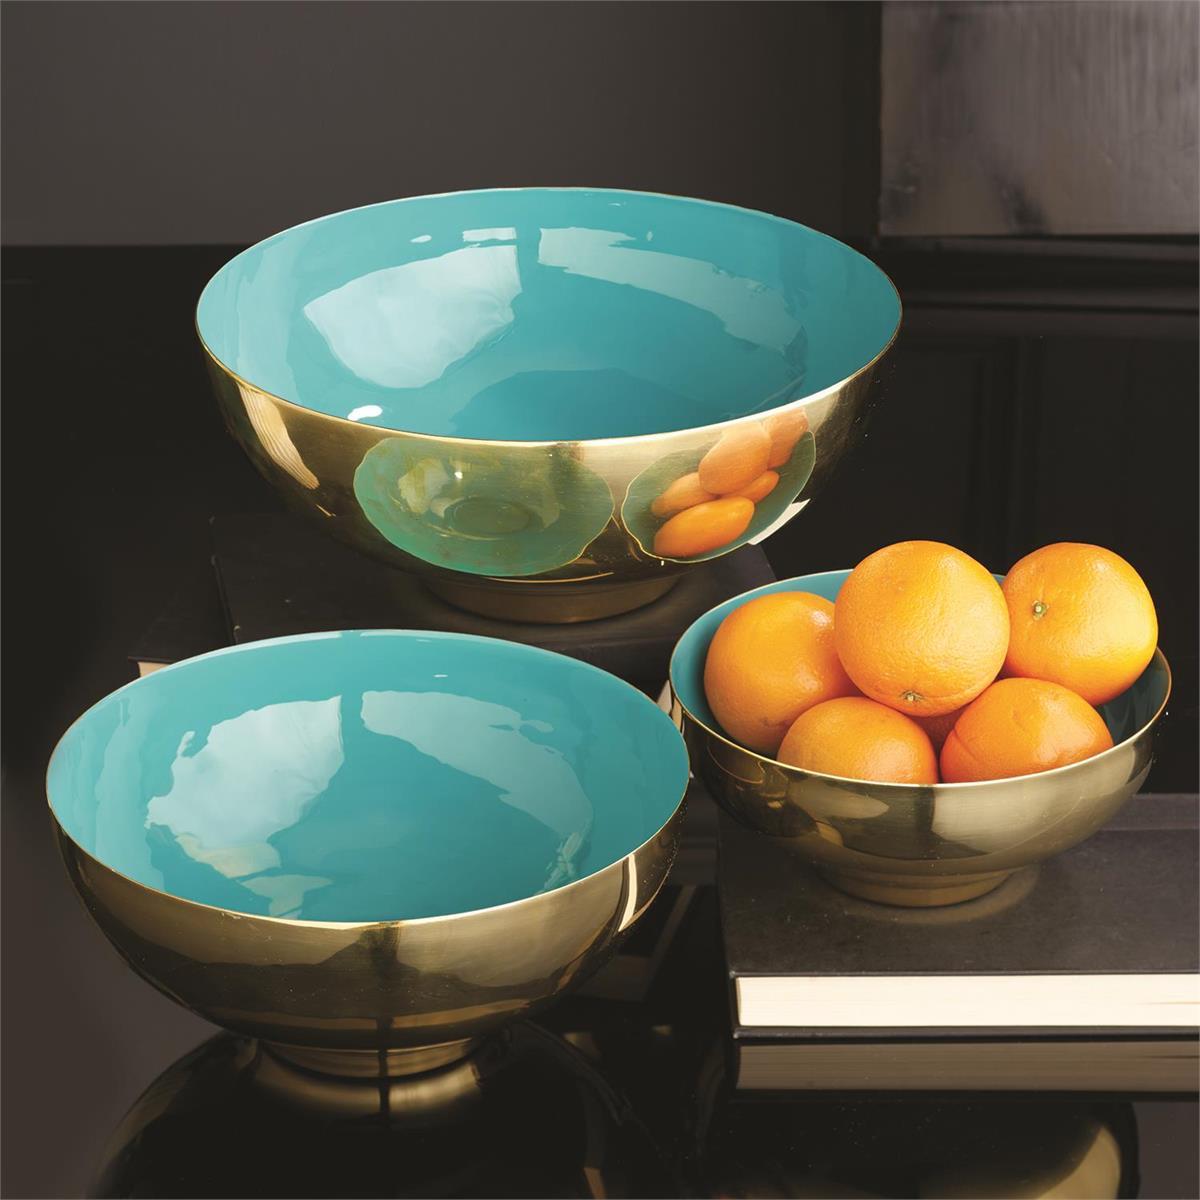 Zula Brass Bowls Set | Turquoise